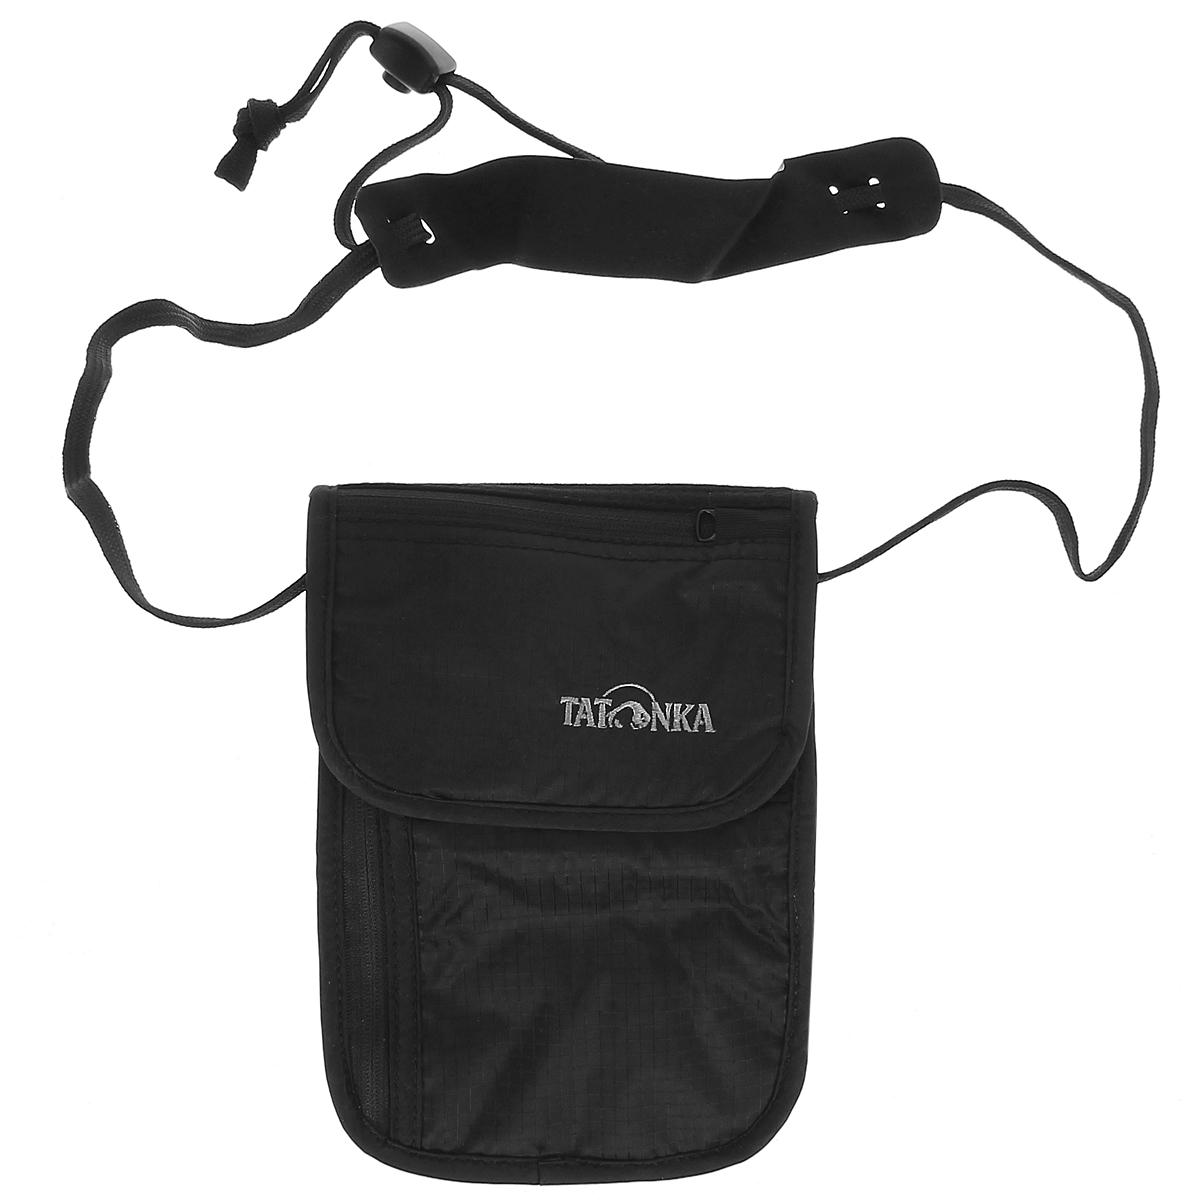 Кошелек шейный Tatonka Skin Neck Pouch, потайной, цвет: черный2858.040Потайной кошелек Tatonka Skin Neck Pouch носится на шее. Этот кошелек с клапаном на липучке внутри имеет глубокое отделение, большой карман на застежке-молнии и два маленьких кармашка. На клапане имеется небольшой кармашек на застежке-молнии. С обратной стороны для большего комфорта изделие дополнено мягкой тканью. Кошелек крепится на шее при помощи шнурка со стоппером и комфортной подкладкой.Материал: 210 T Nylon Ripstop.